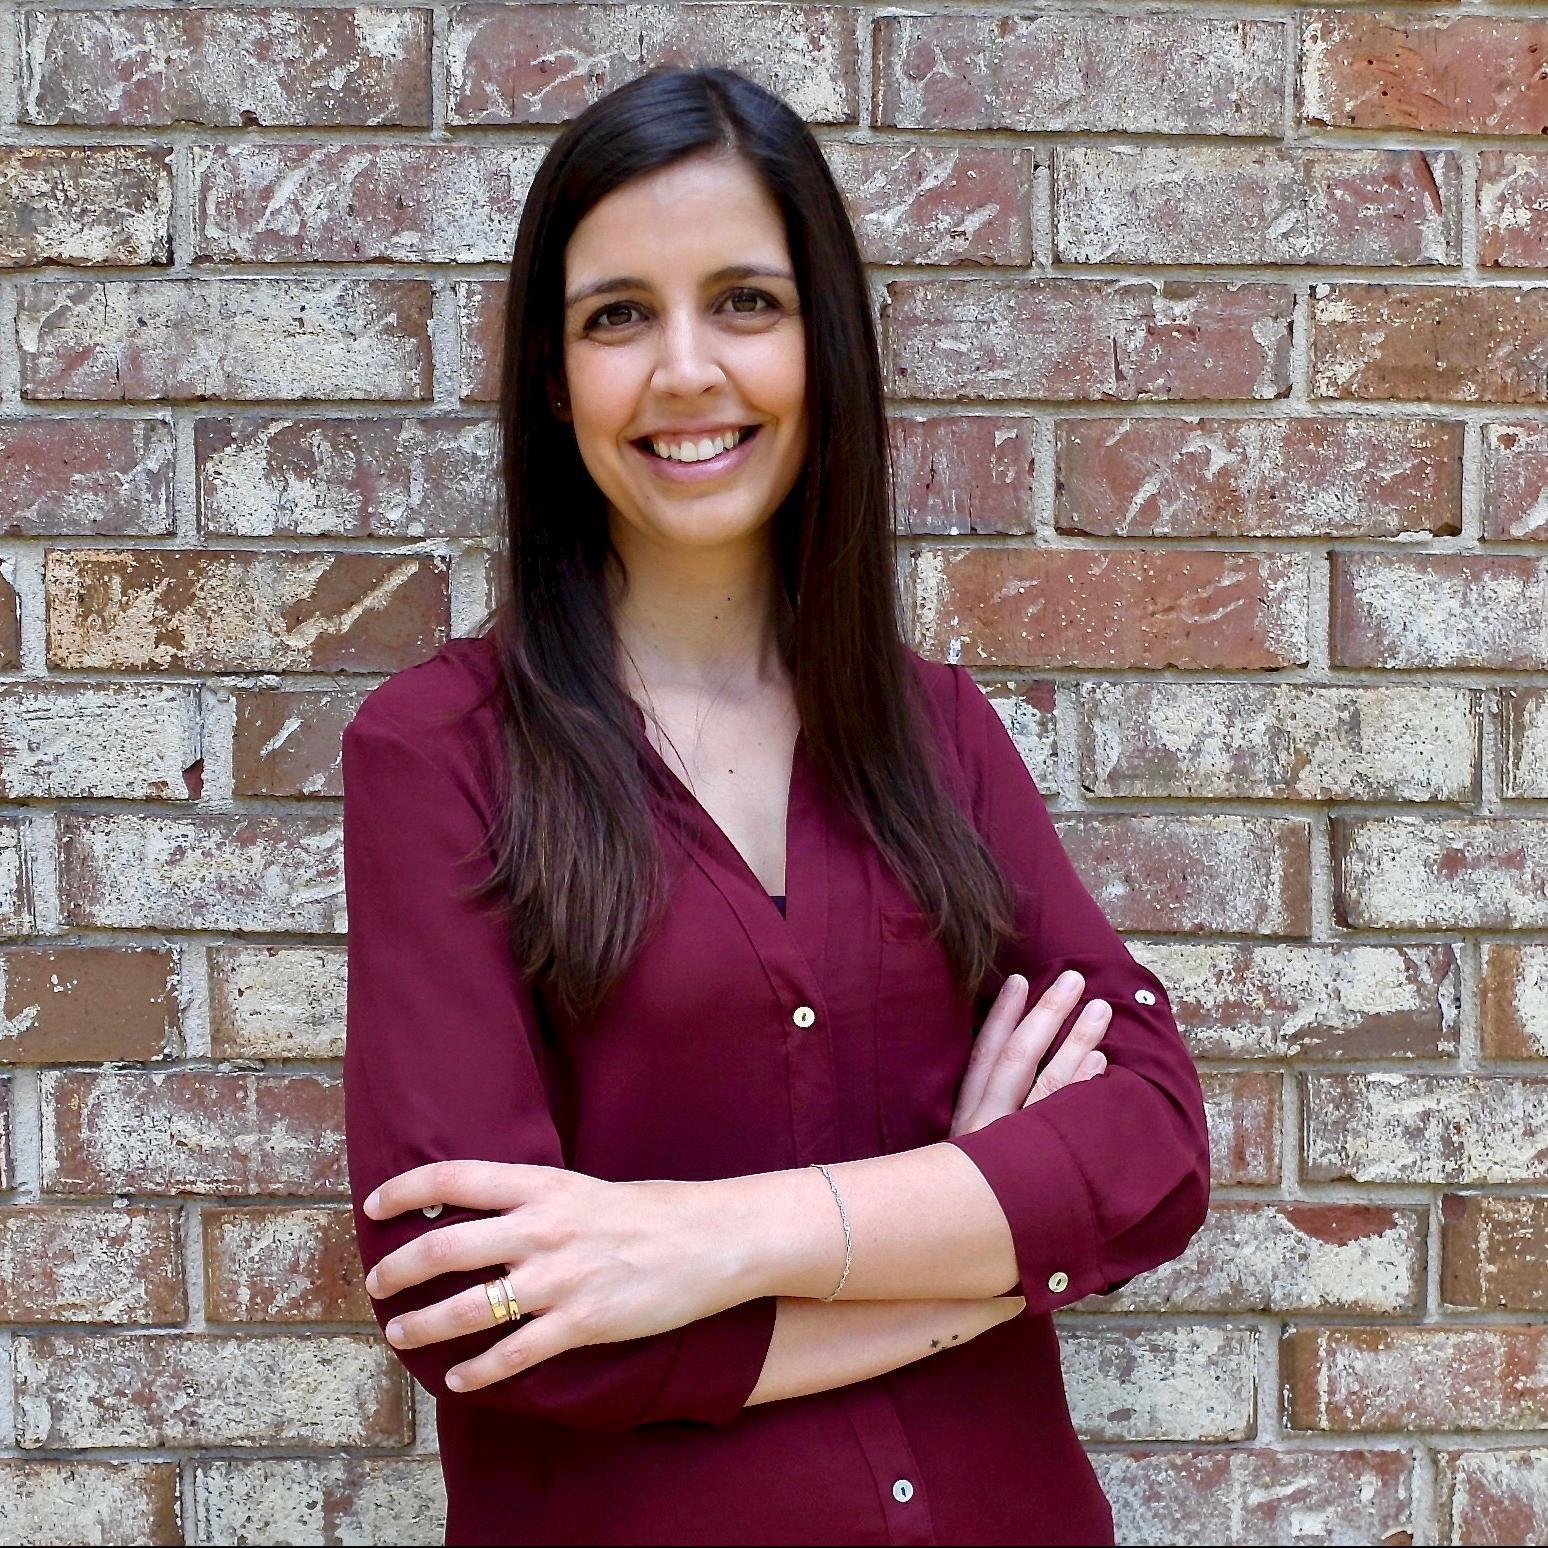 Dr Raquel Velez Oliveira